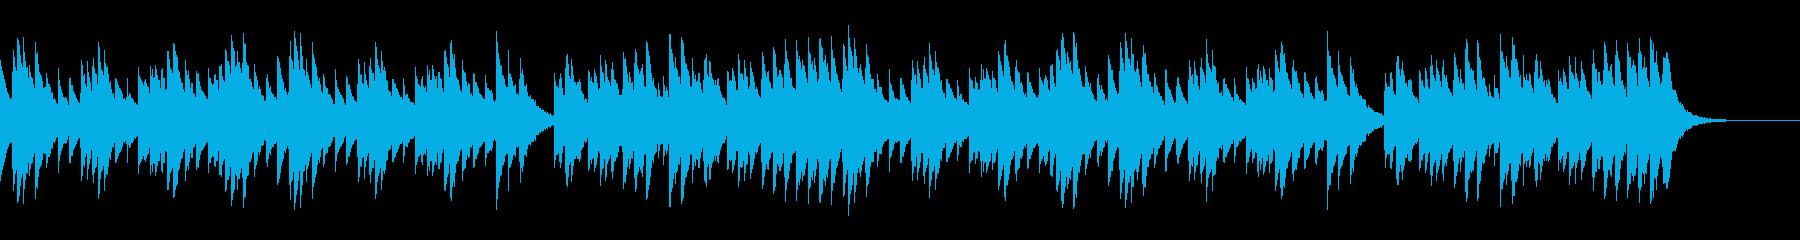 オルゴール ジブリ風の切ないファンタジーの再生済みの波形